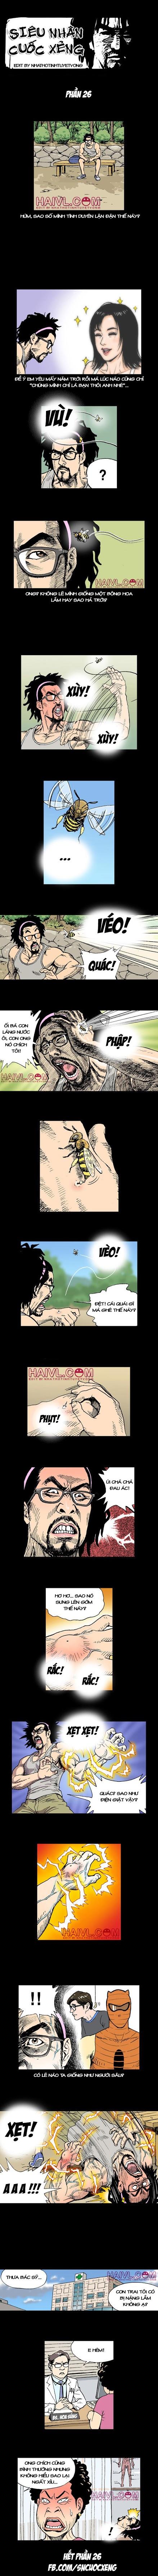 Siêu nhân Cuốc Xẻng (full bộ) phần 26